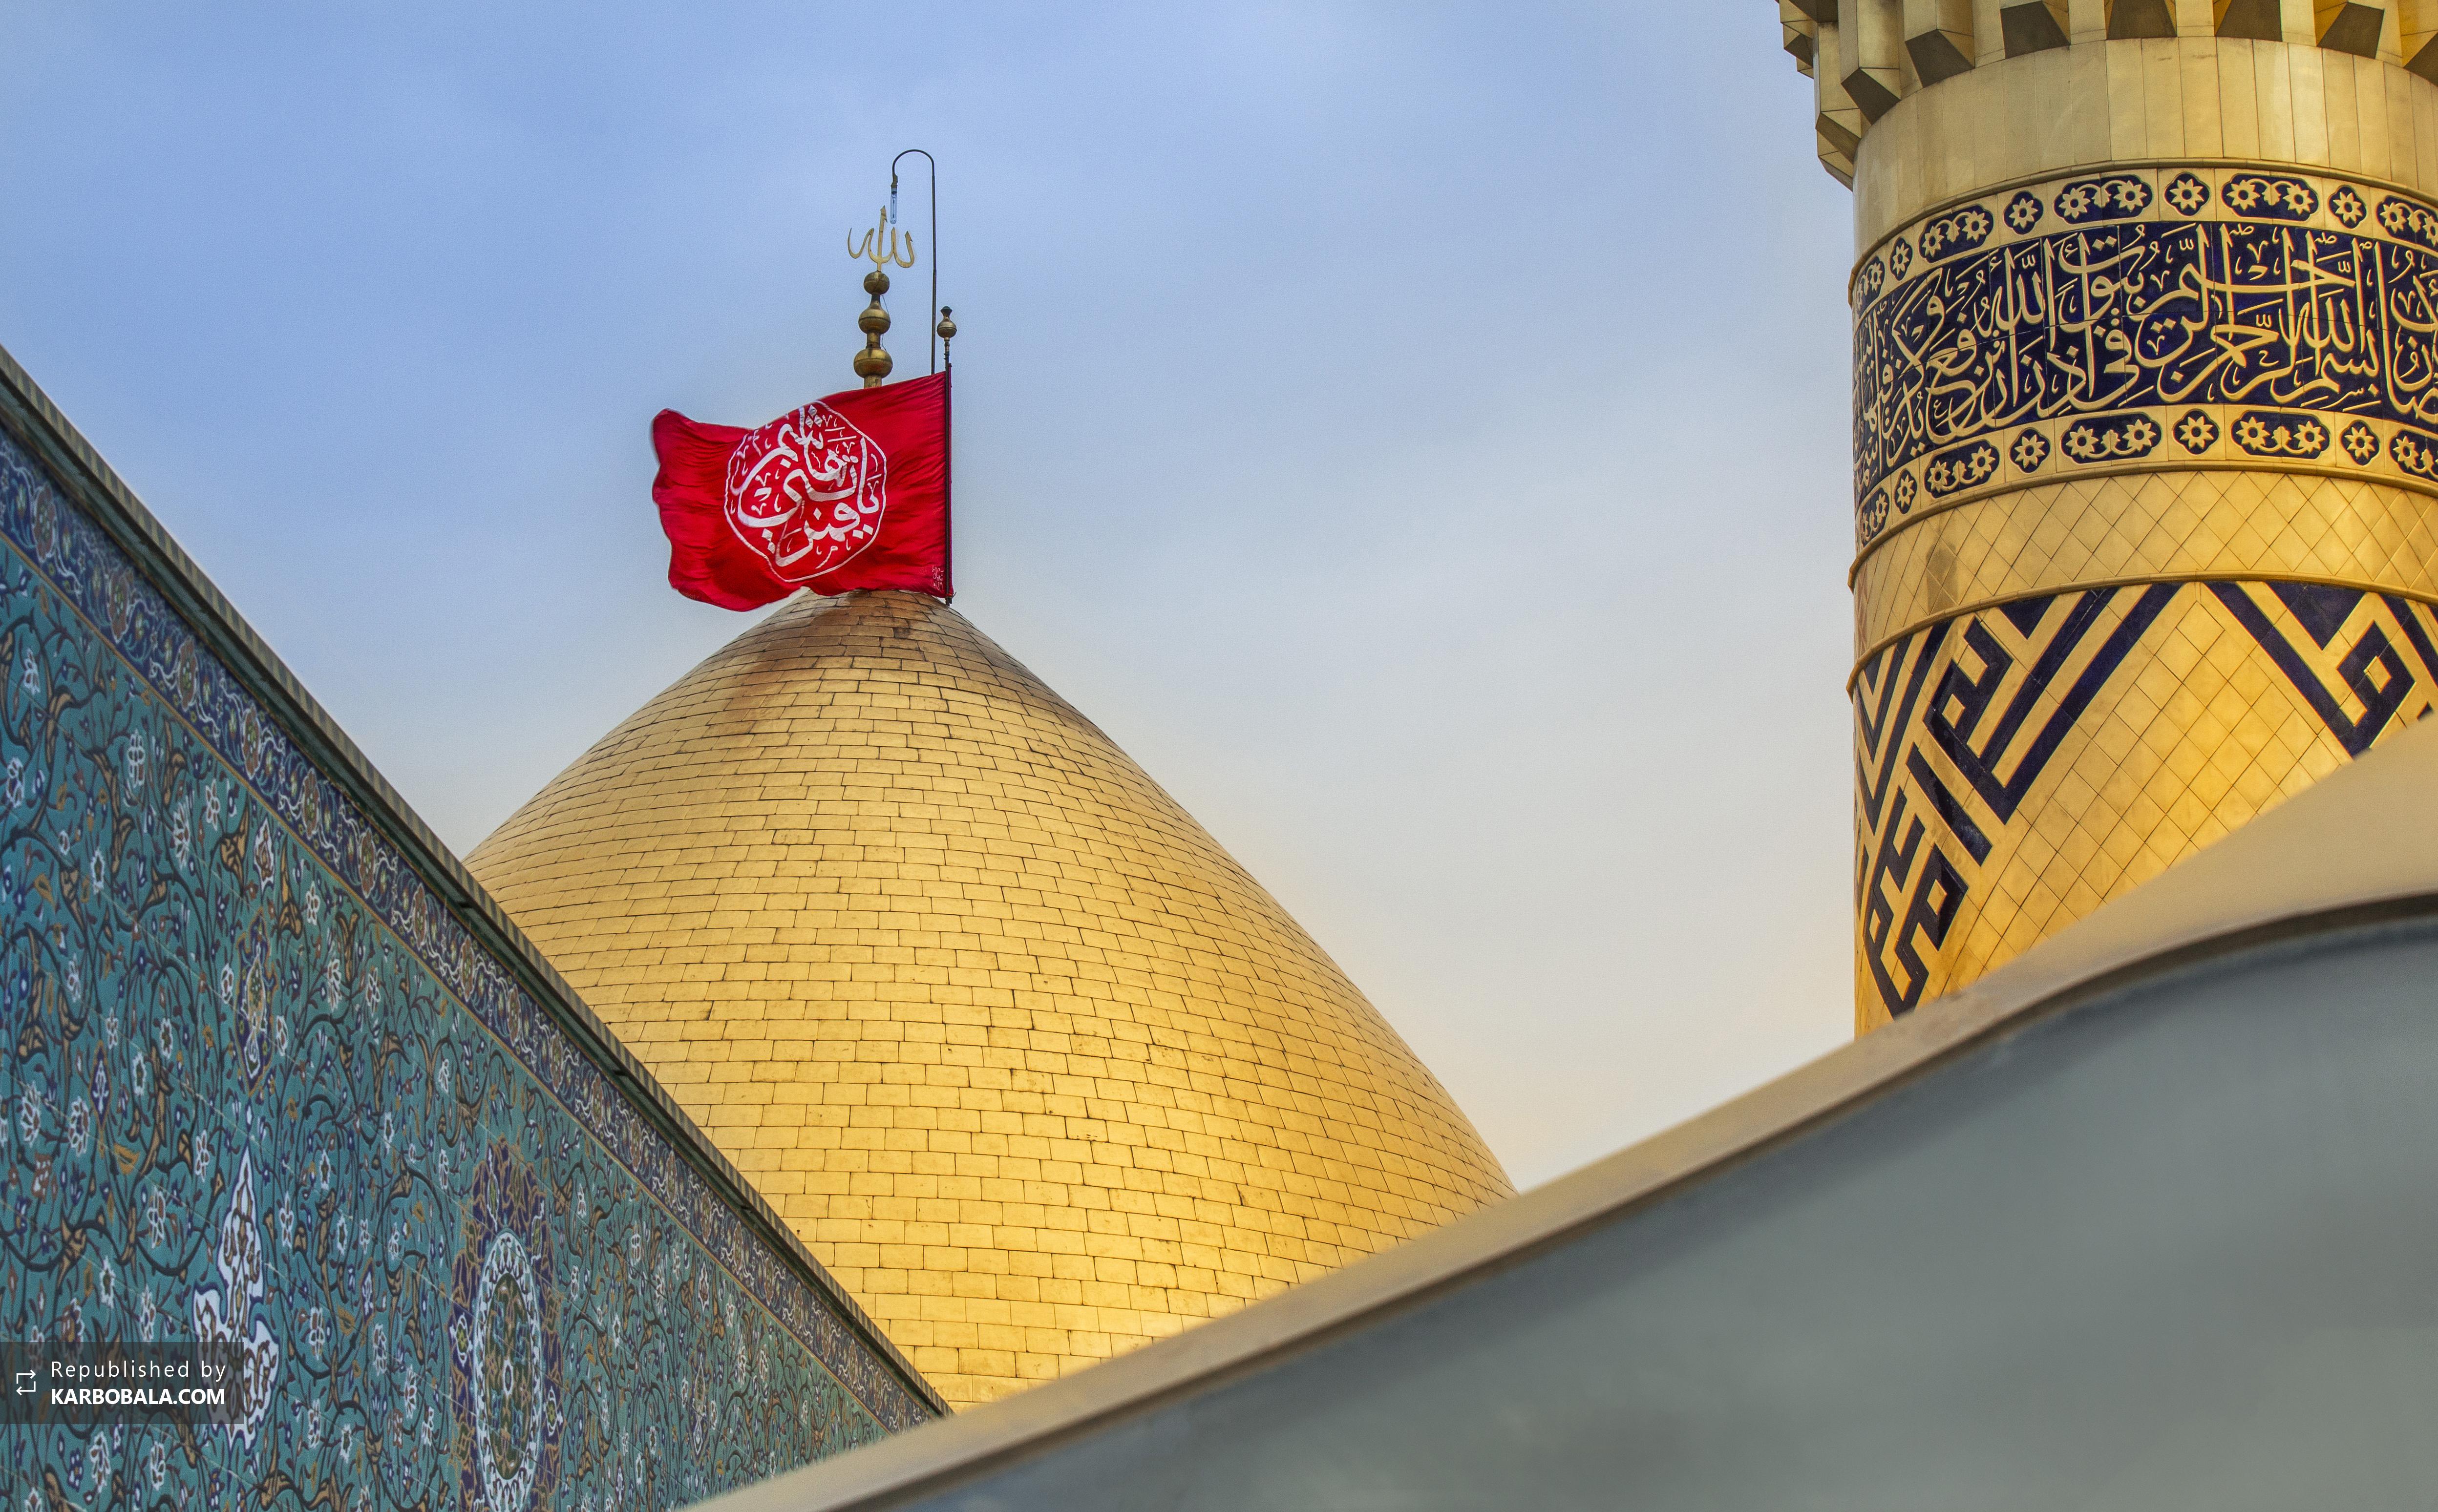 Hazrat_Abbas(1065)-Karbobala.com